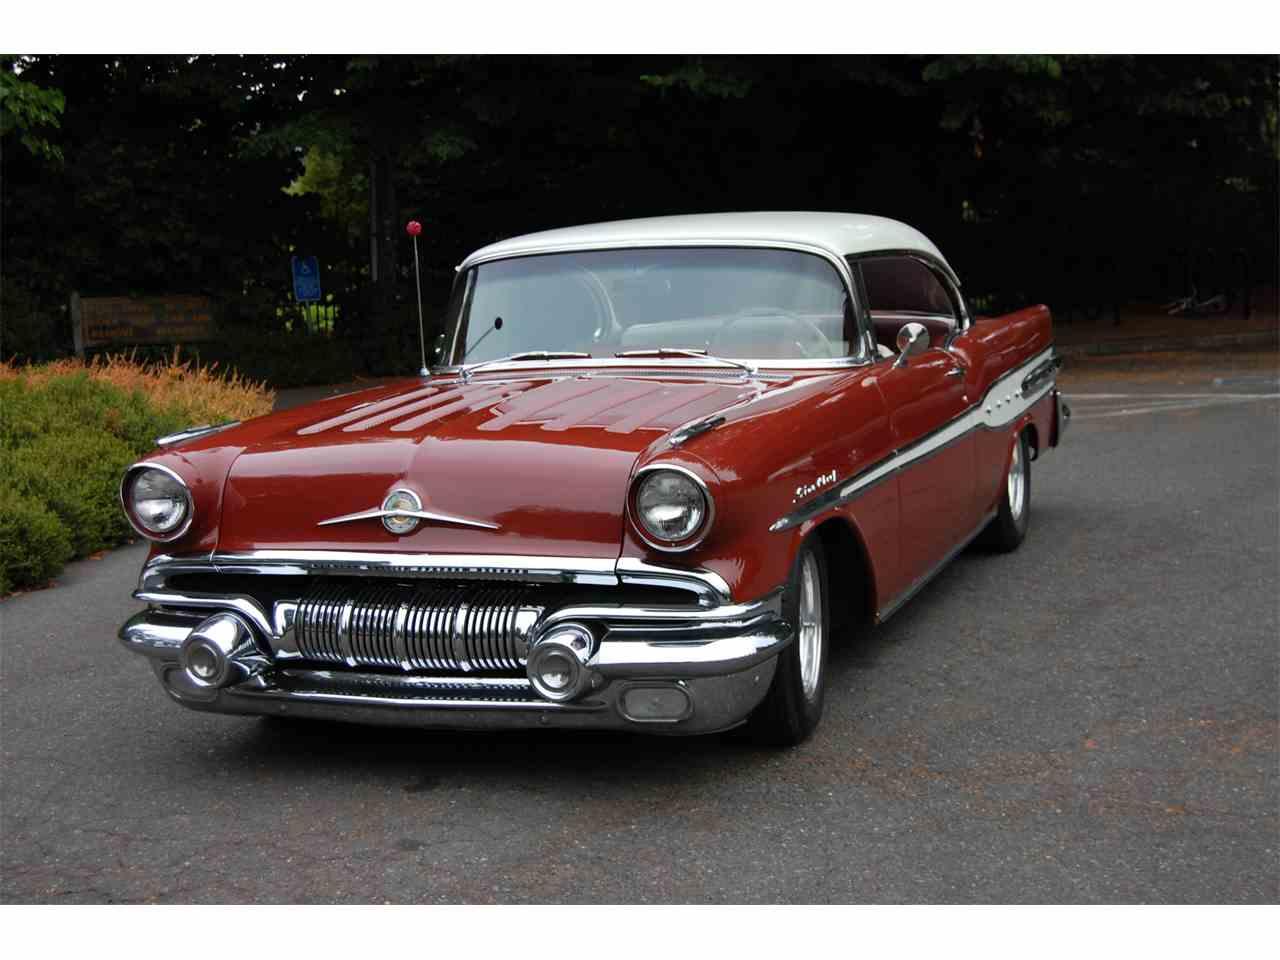 Pics photos 1958 pontiac for sale - 1957 Pontiac Star Chief 990339